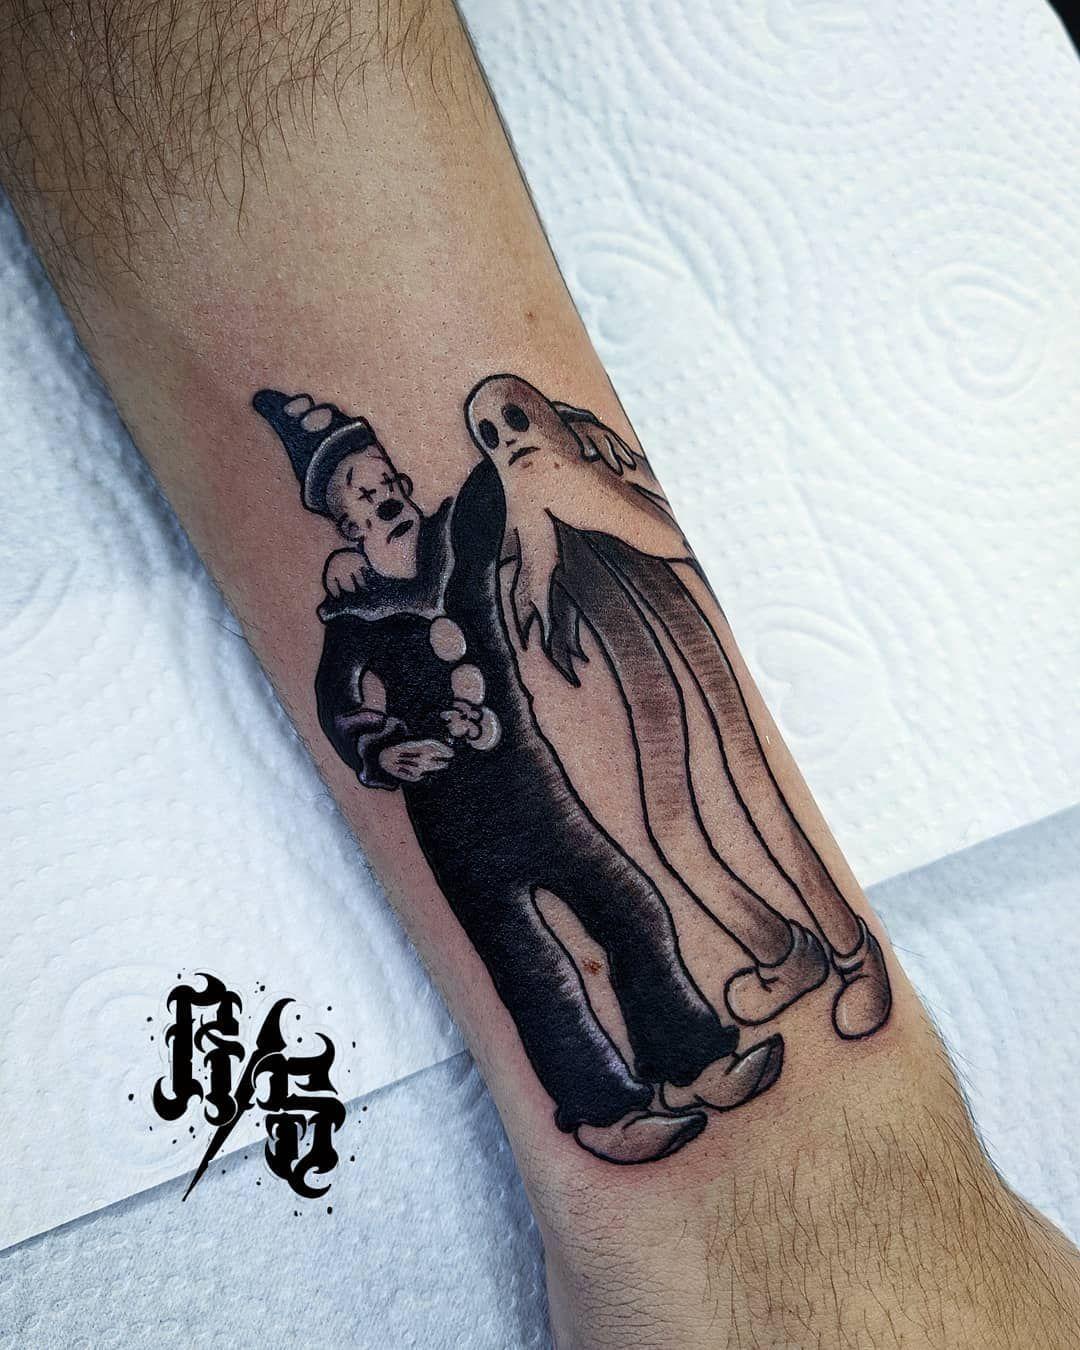 🚫 koko the clown 🚫 Trabalho realizado no clíente @ederson_garcia  valeu mano pela confiança e preferência!! 🙏🙏 . 📲 Orçamentos e dúvidas 51-982866941 . 📍Rua Manoel Serafim, 328 Sala 2. Sapucaia do Sul. RS 🇧🇷 . . #tattoos  #tattooart #tattoos #tattooist  #tattooflash #tattoolife #tattooinspiration #mundotattoo  #tattooing #blackwork #tattooshop #tattooink #tattoolove #tattoosnob #tattooidea #tattooflash #tattoo#linework #blackwork #ttblackink #tonoinsptattoos #tattoo2me #narutotattoo #subl